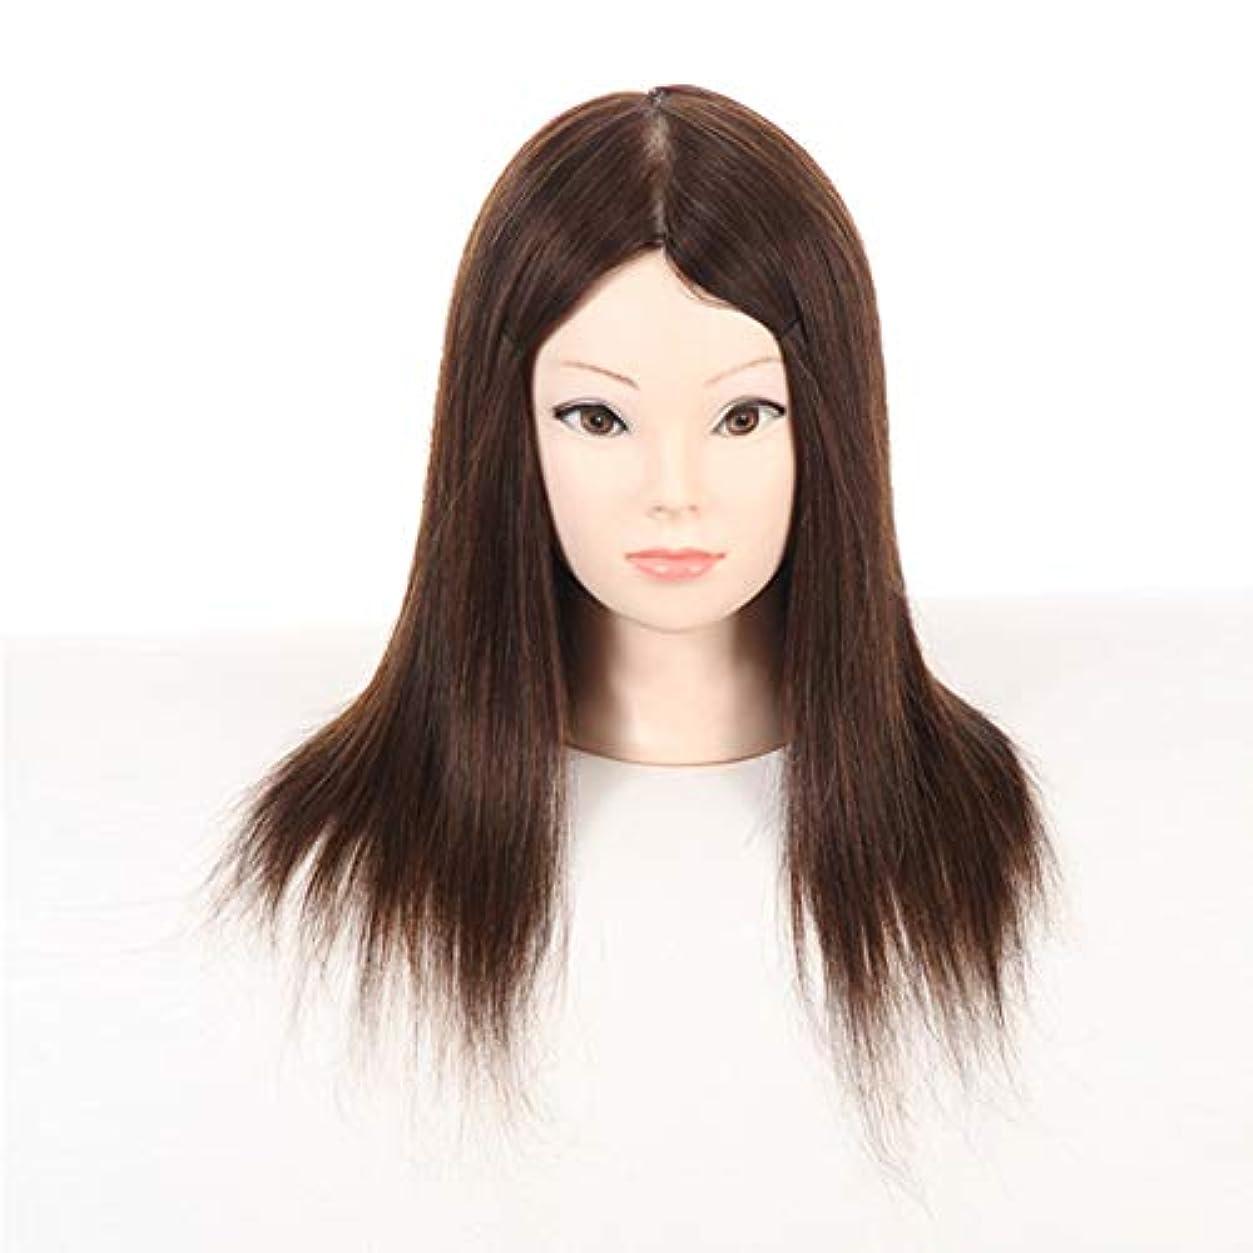 支配的グラフすごい本物の髪髪編組髪ヘアホット染料ヘッド型サロンモデリングウィッグエクササイズヘッド散髪学習ダミーヘッド